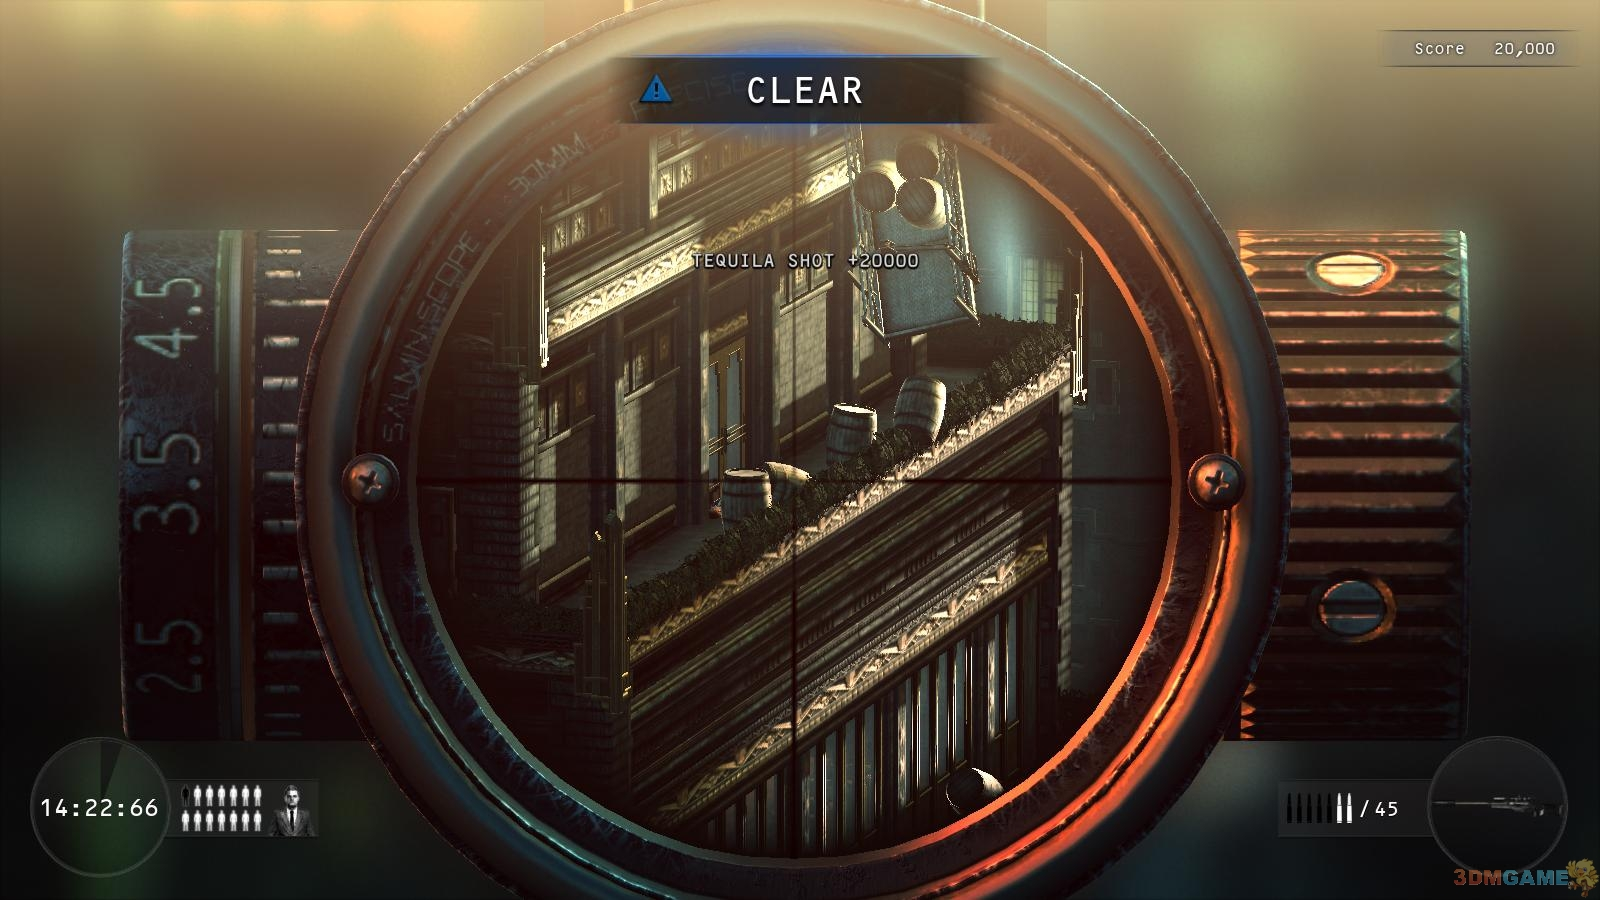 杀手5:狙击挑战》图文攻略(下)_www.3dmgame.com